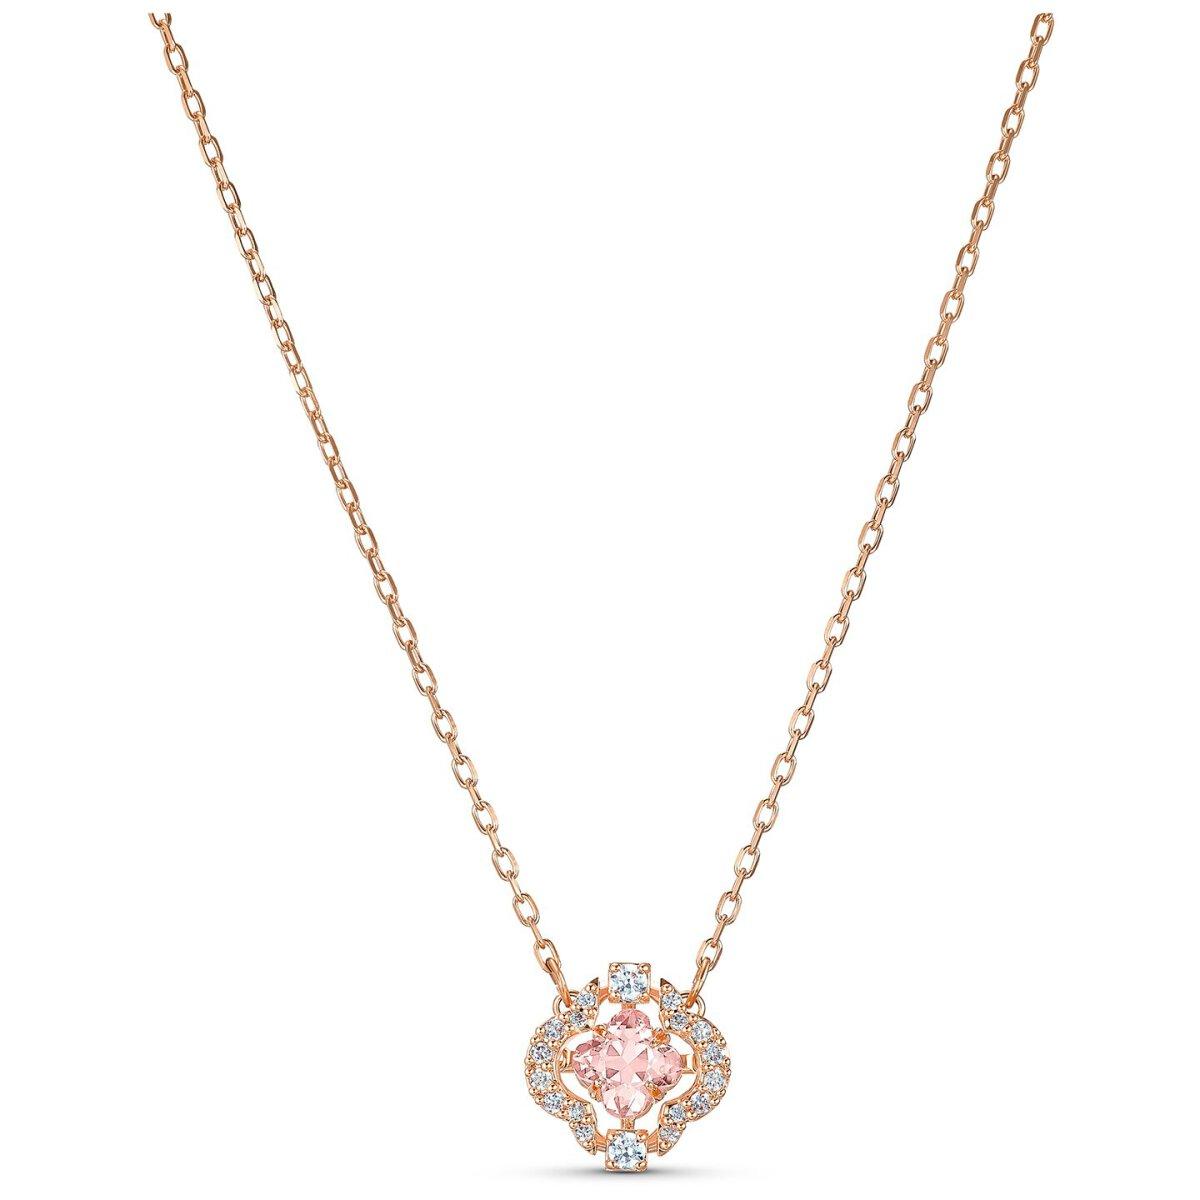 Swarovski Sparkling Dance Halskette, 5514488 Rosa, Rosé vergoldet